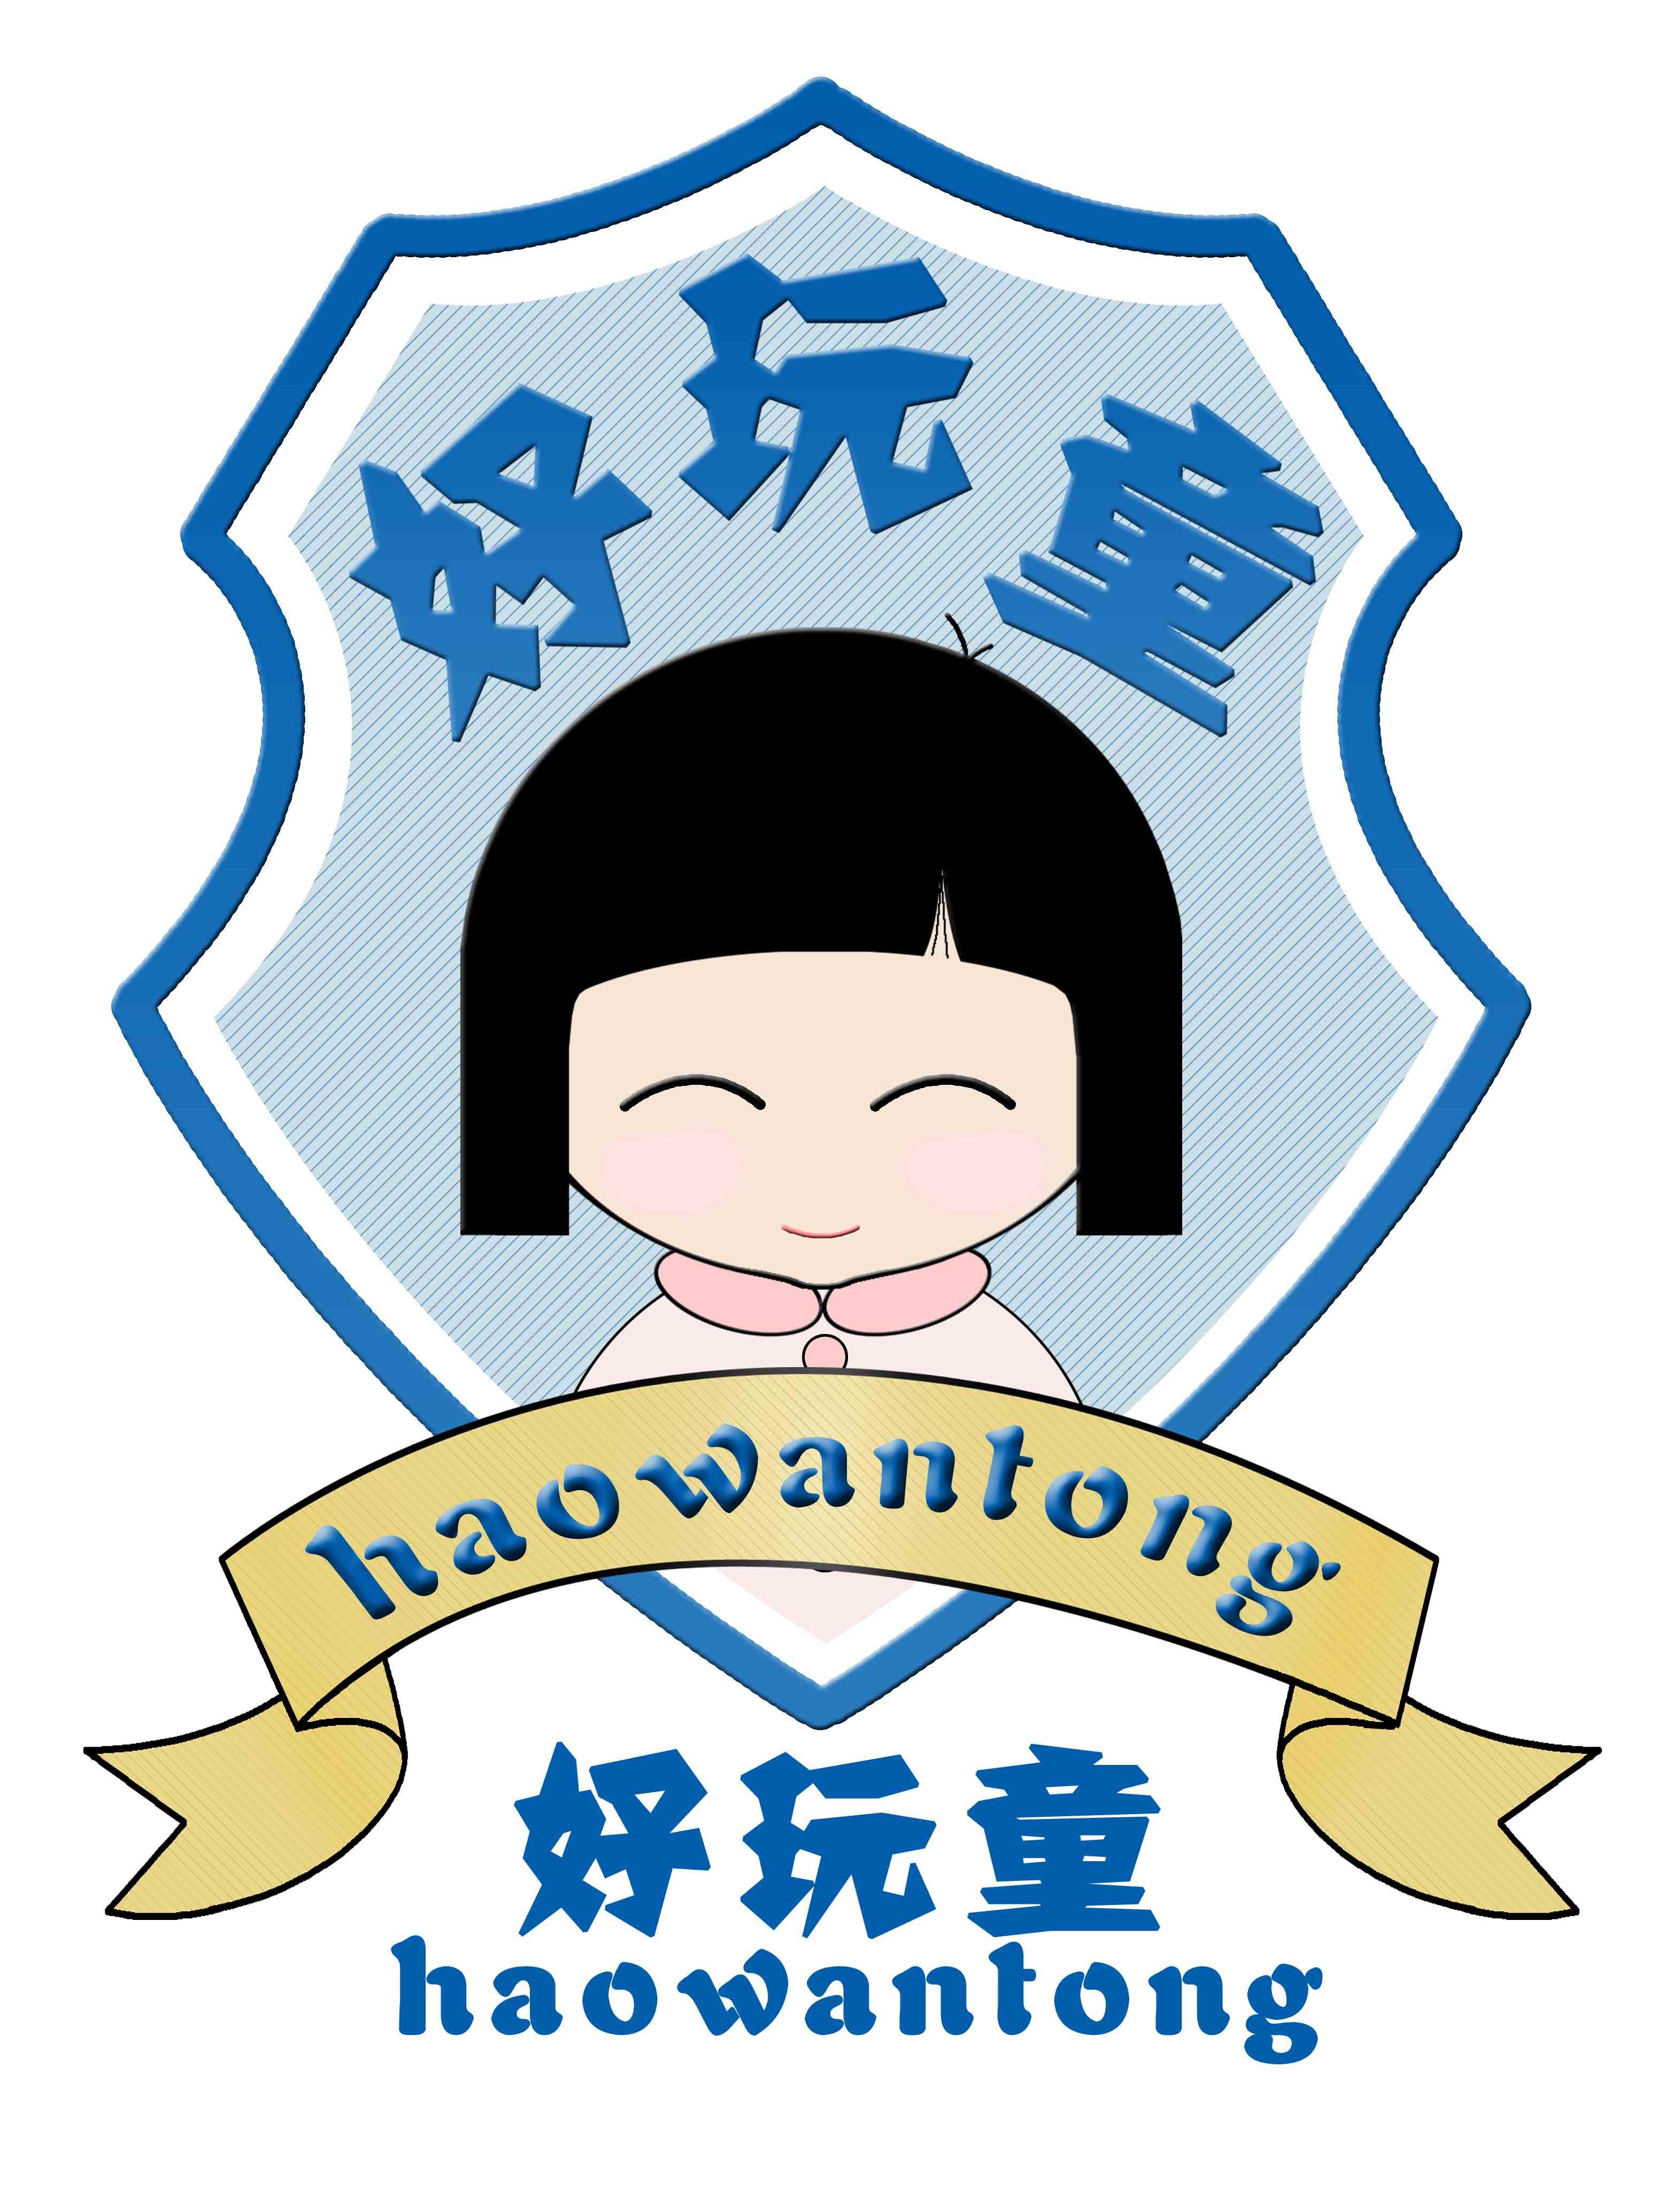 儿童用品商标图案,名片,门牌设计_1564094_k68威客网